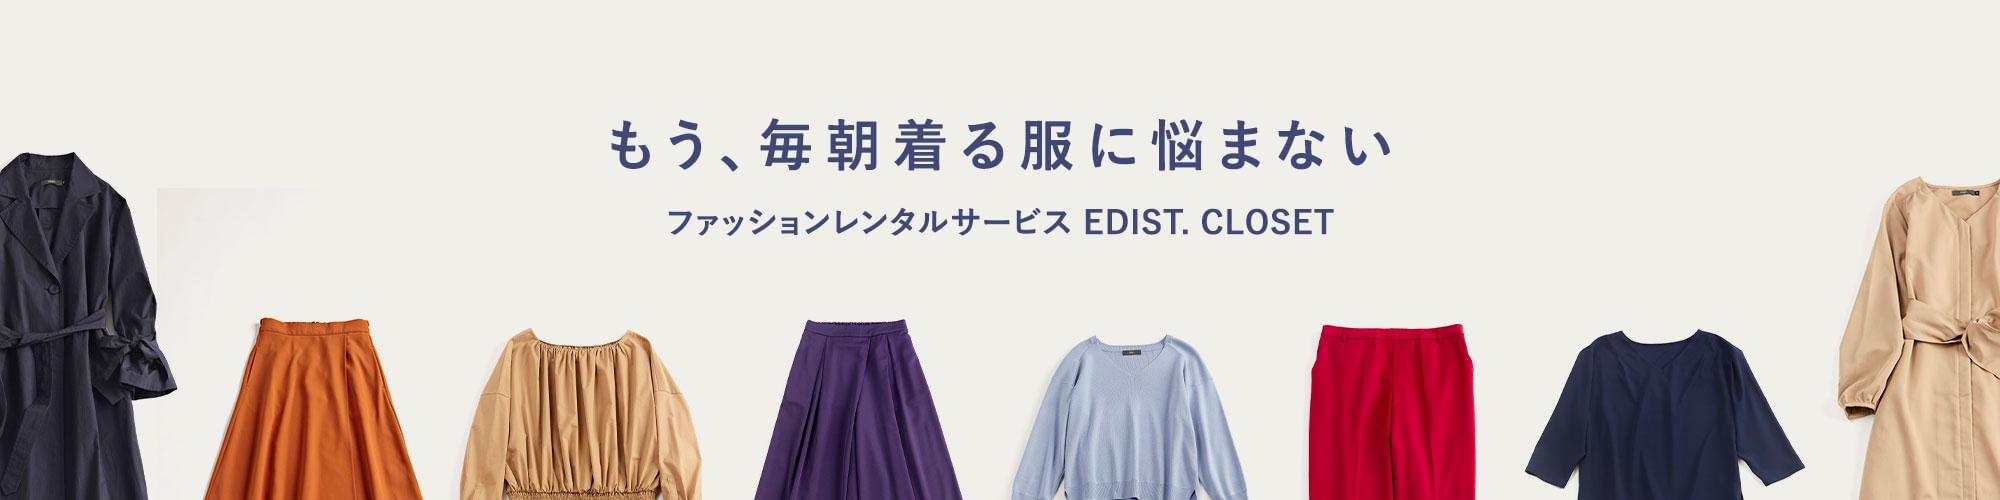 ファッションレンタルサービス EDIST. CLOSET